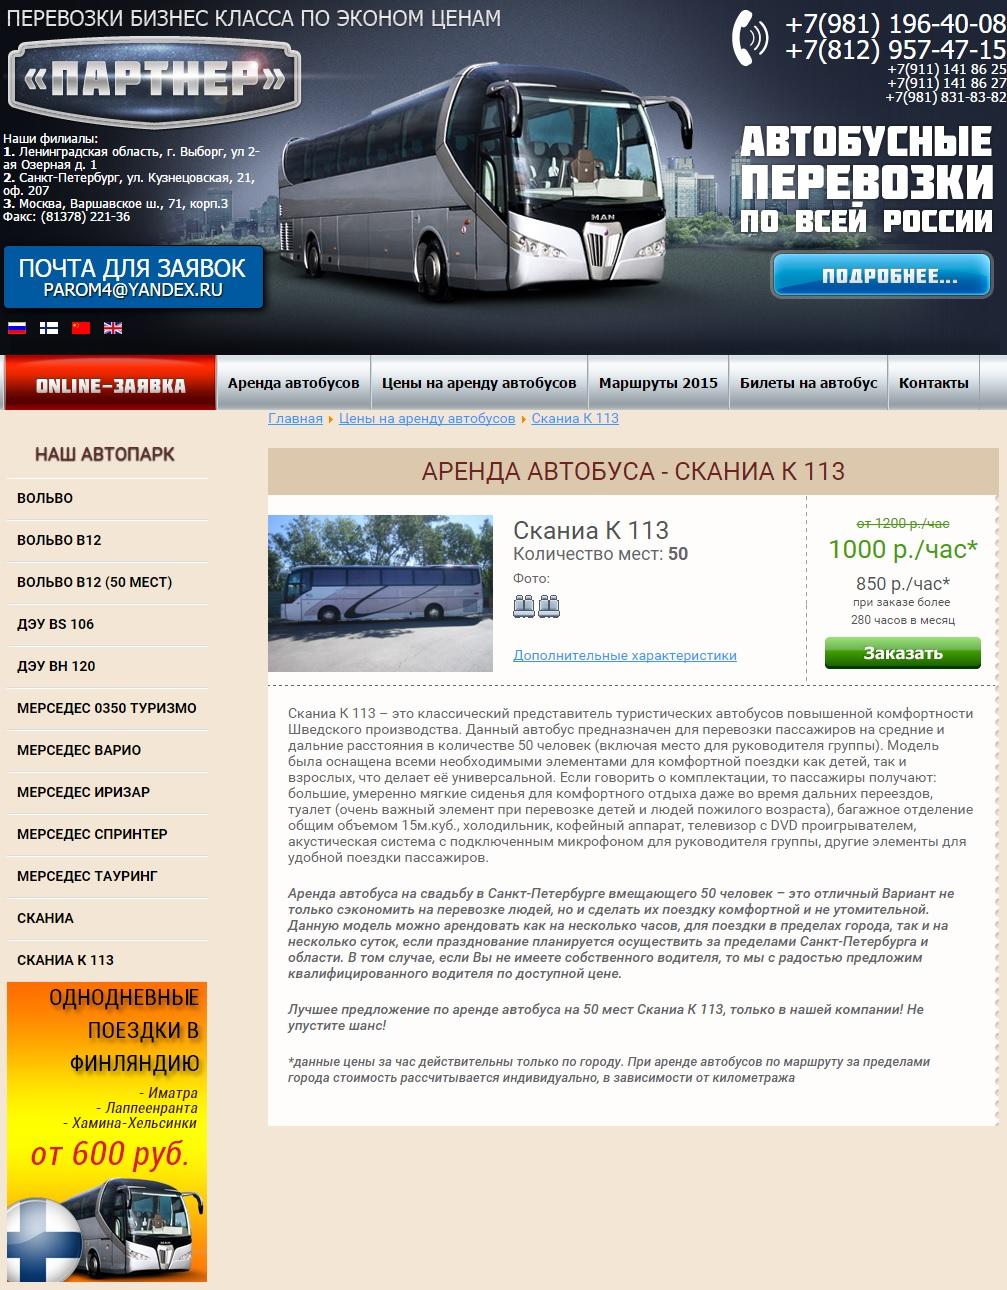 АРЕНДА АВТОБУСА - СКАНИА К 113